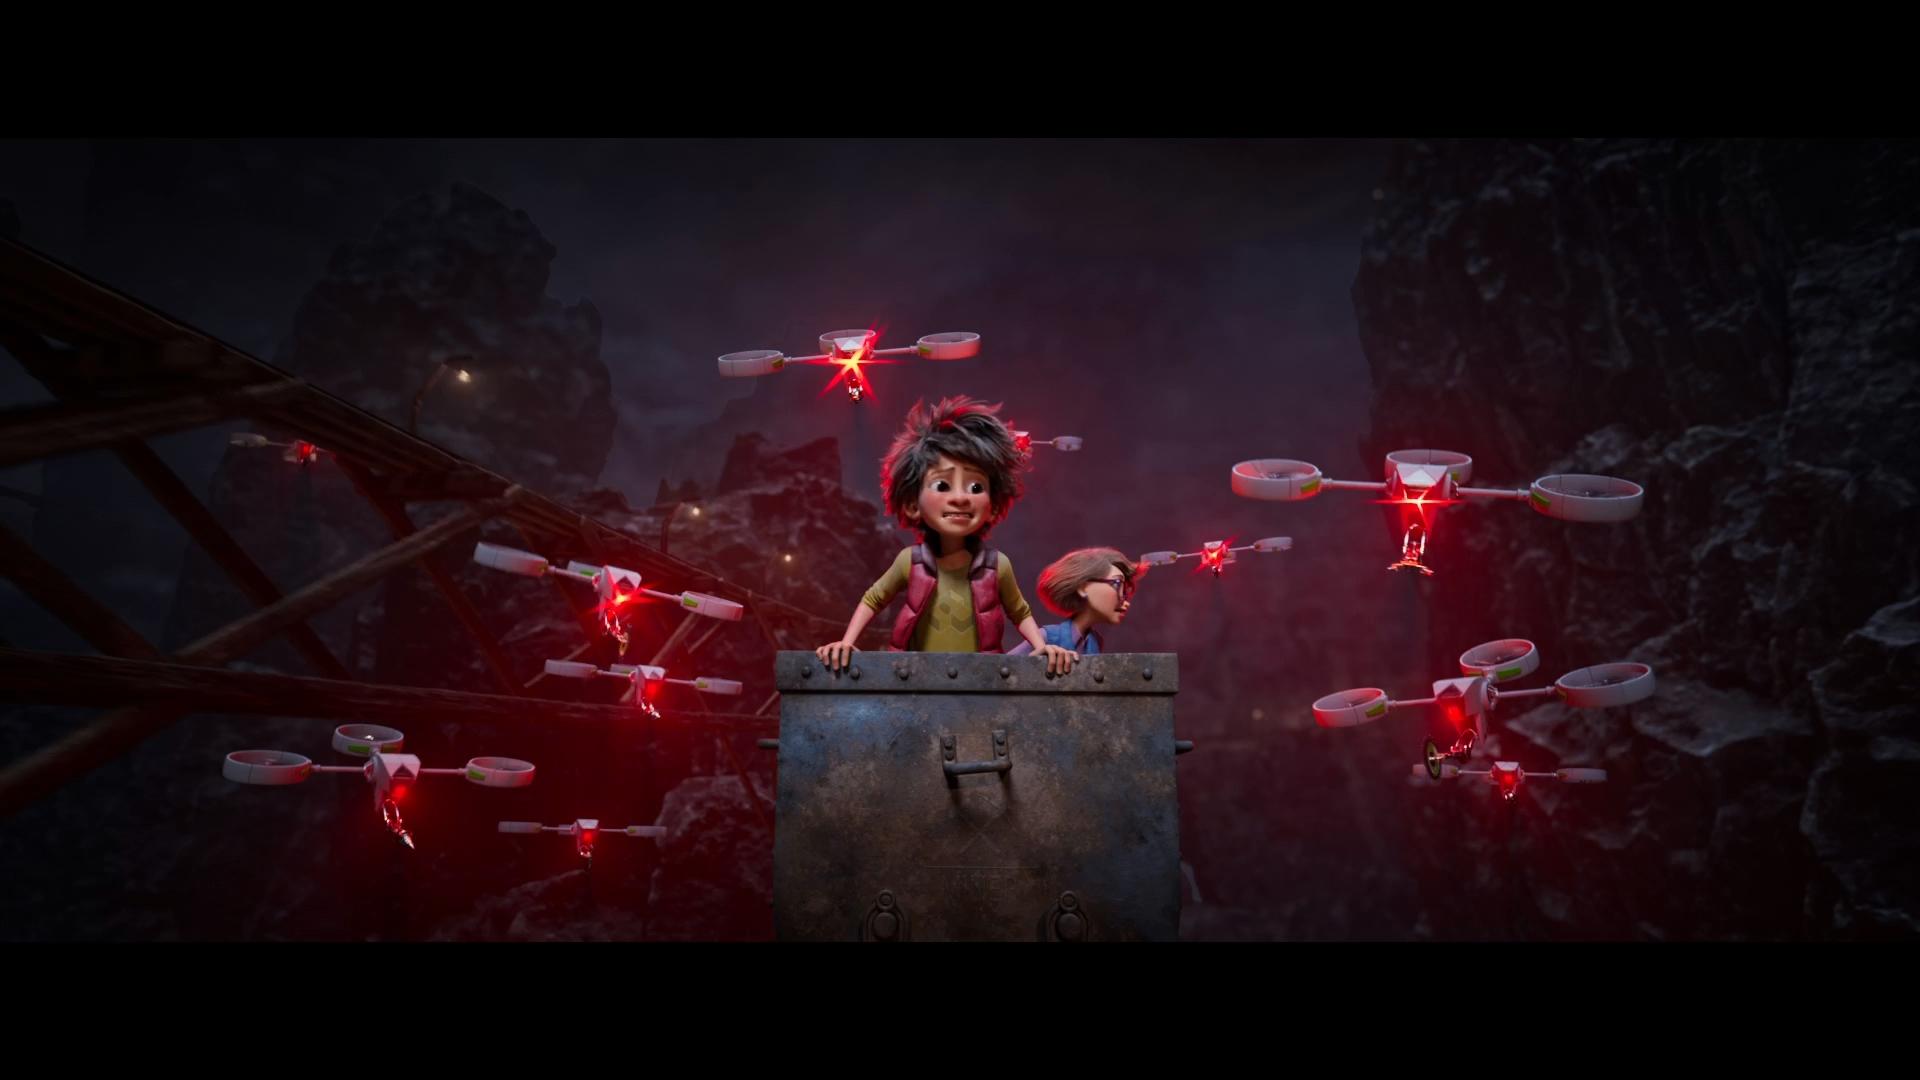 La familia Pie Grande (2020) 1080p WEB-DL